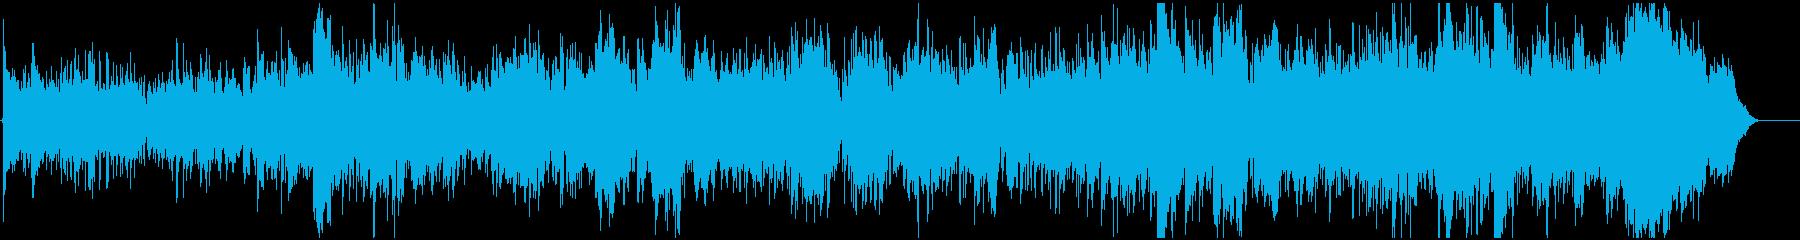 ゆったりした情景的なBGMの再生済みの波形